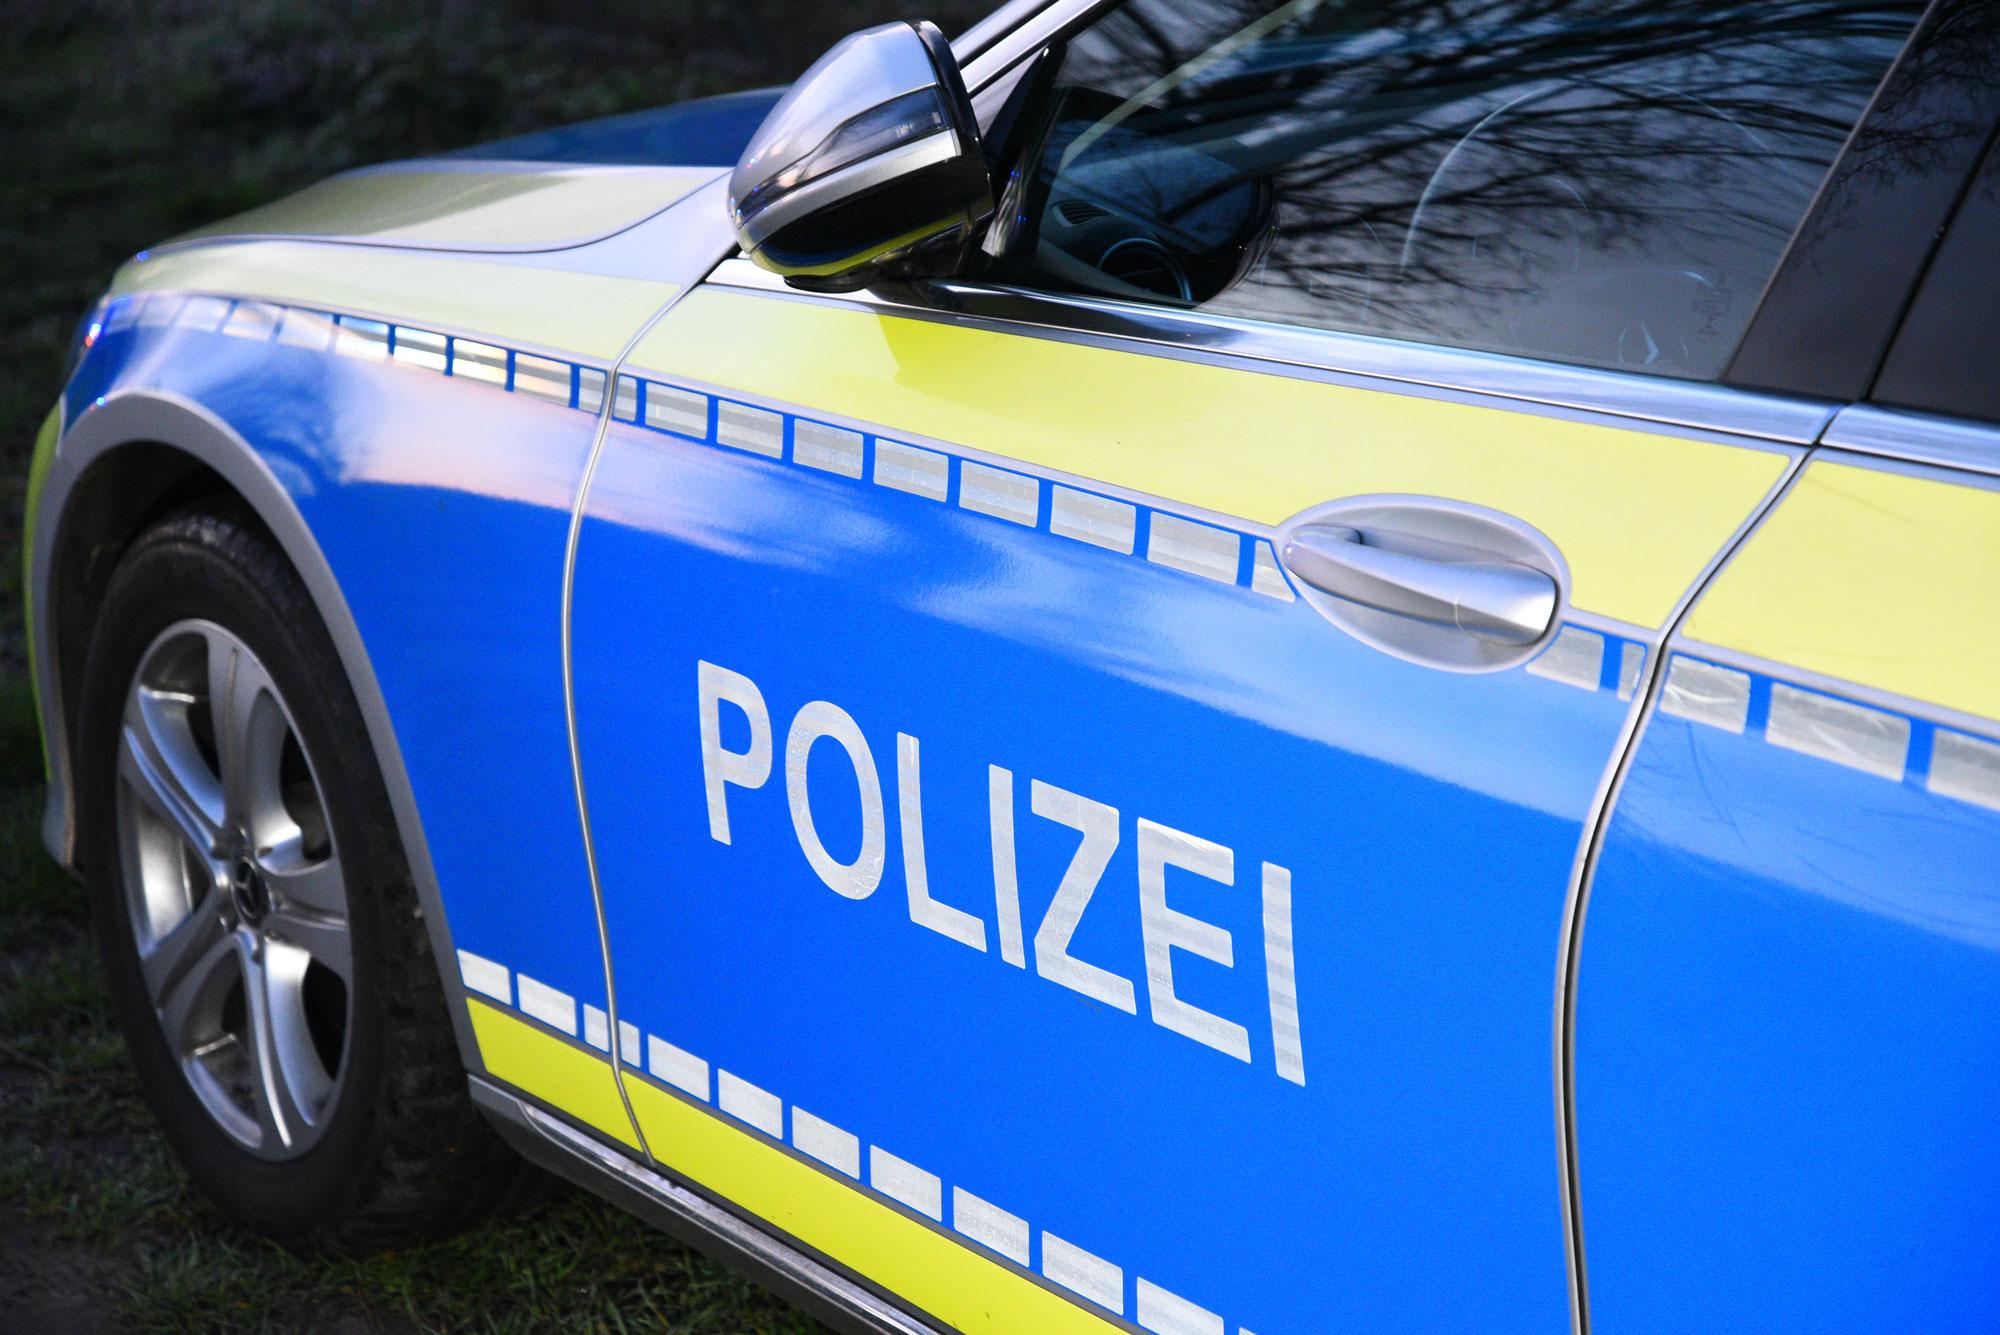 Brühl, Rhein-Neckar-Kreis: Unfallverursacher streift Kleinbus und flüchtet - Polizei sucht Zeugen